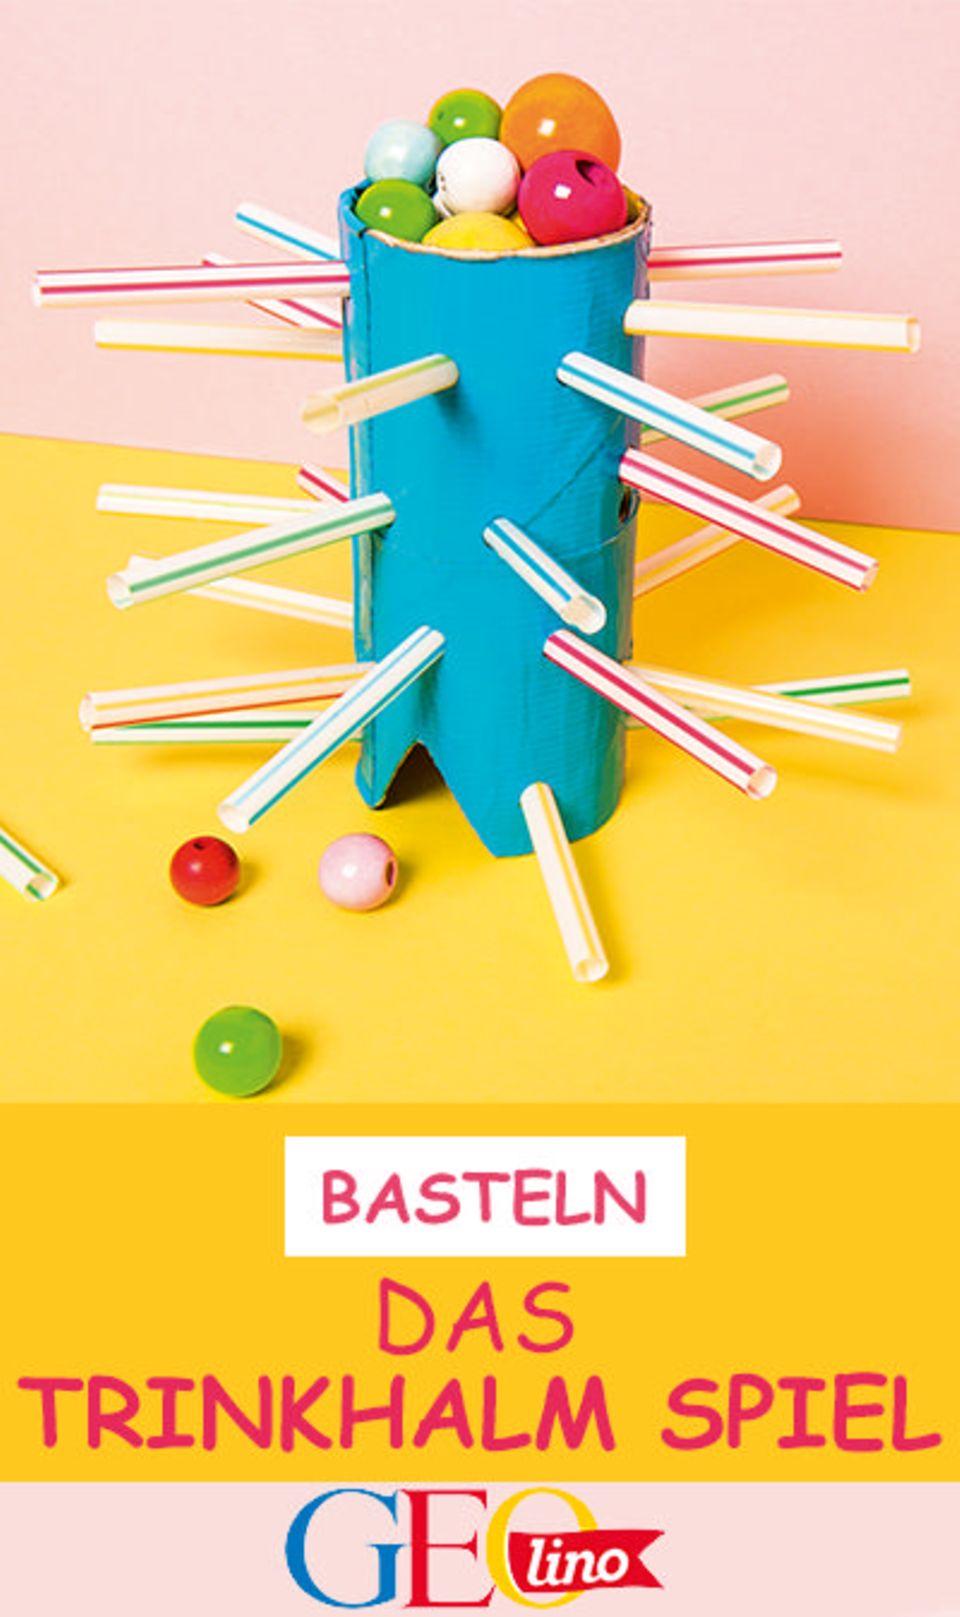 Basteln: Das Trinkhalm-Spiel